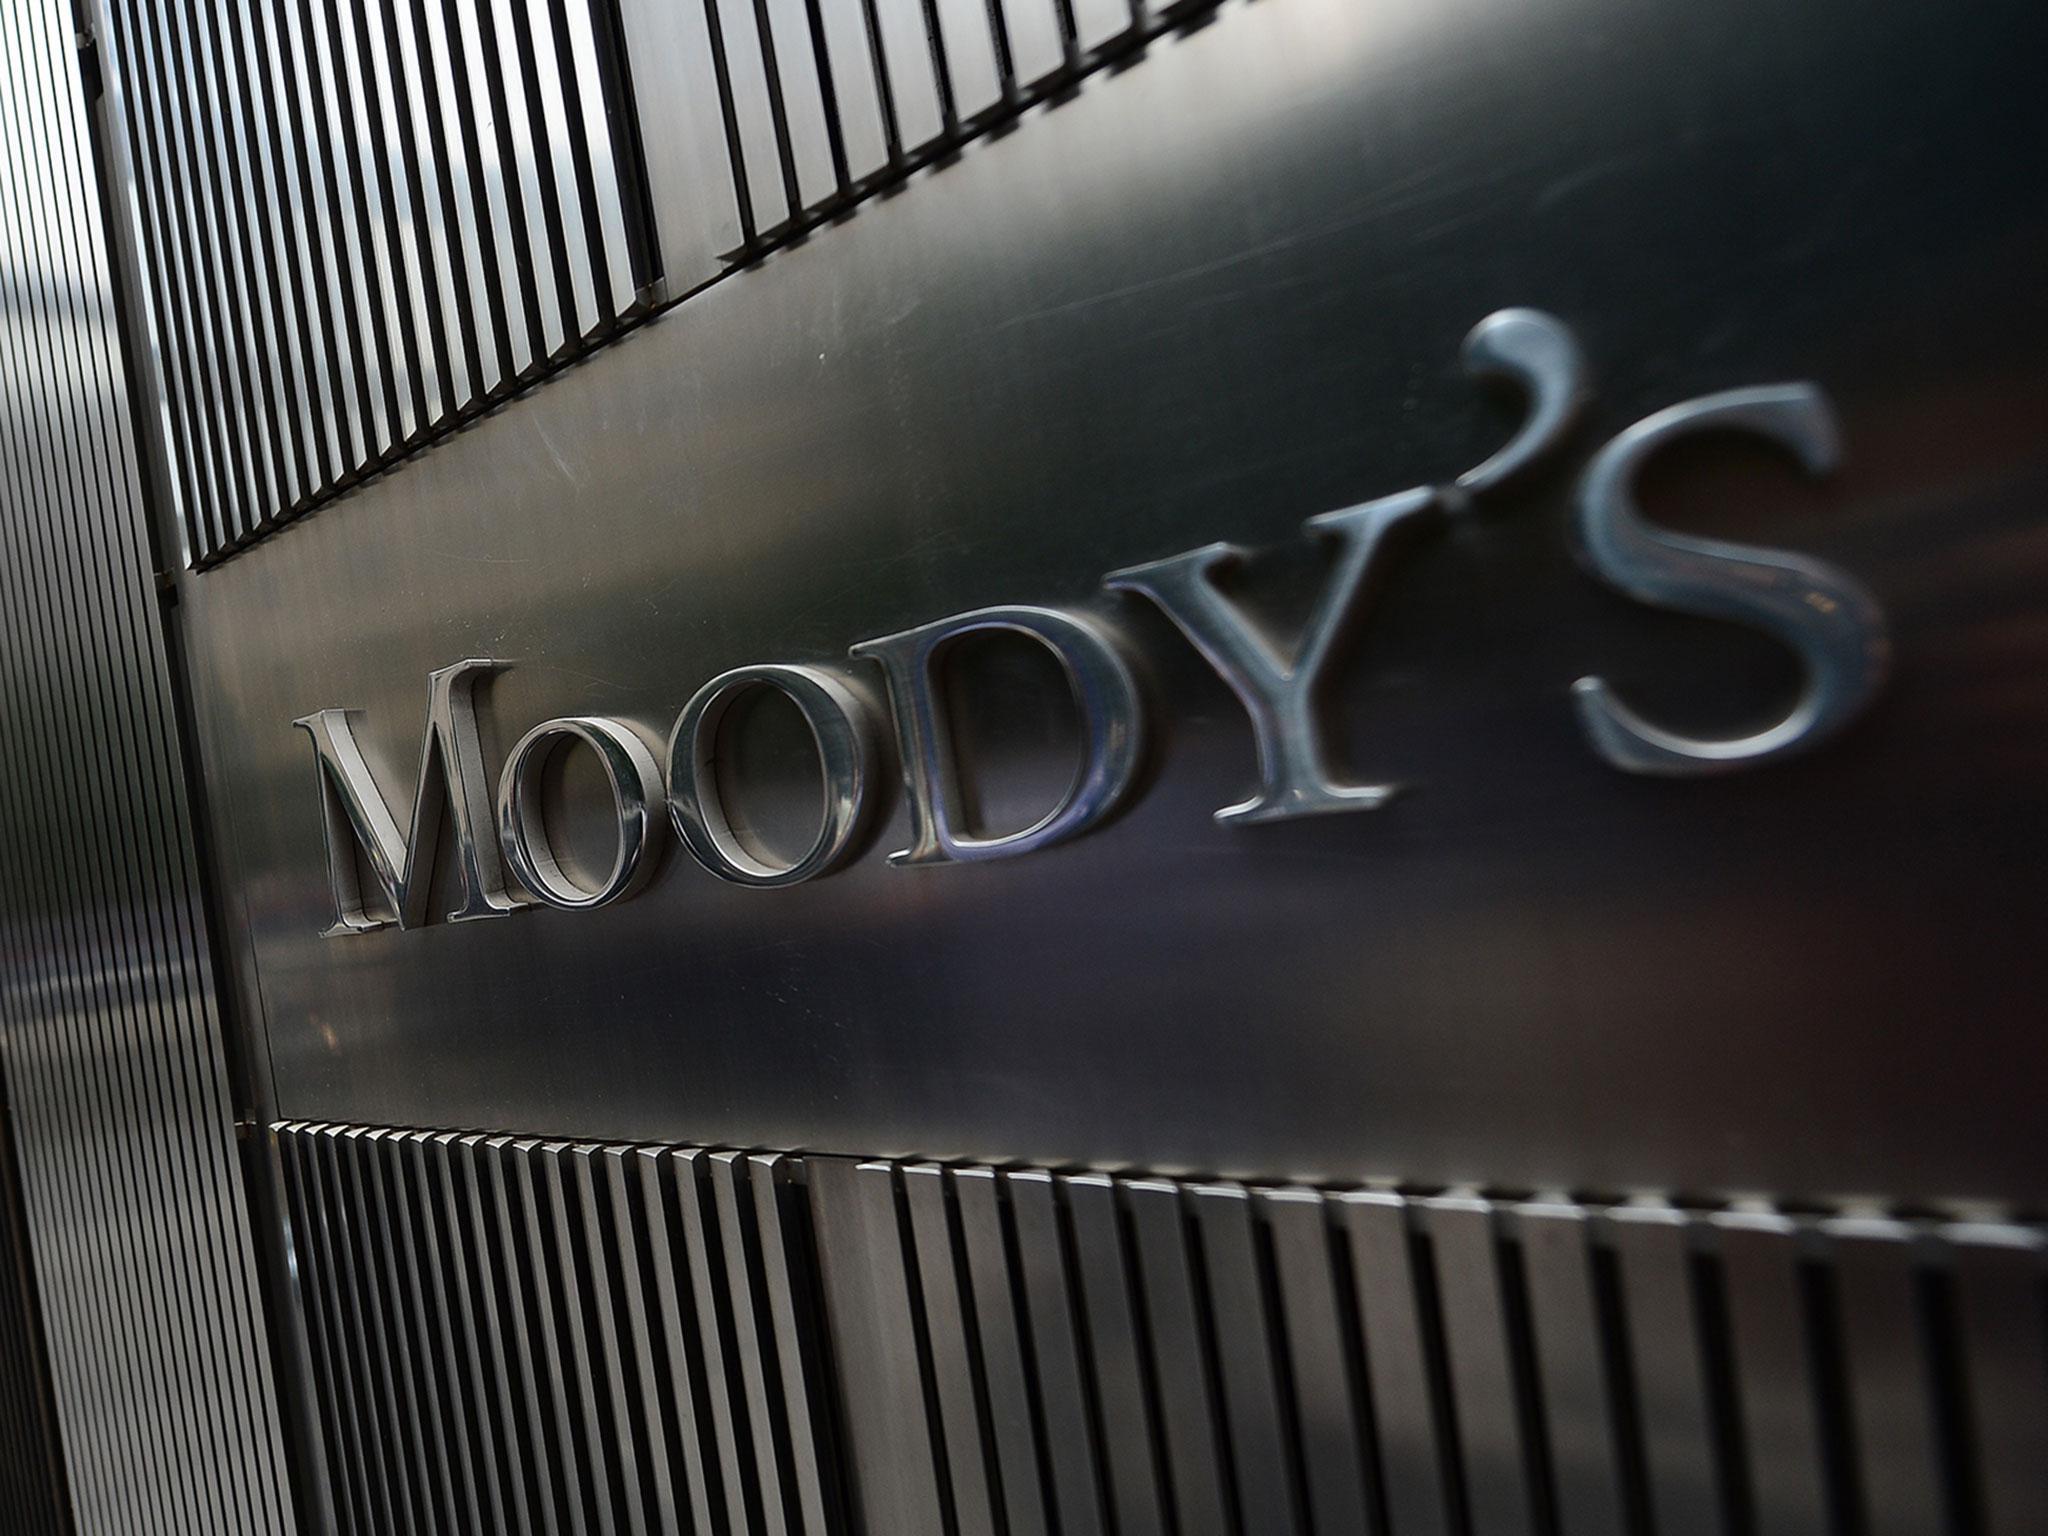 Κύπρος: Αύξηση των μη εξυπηρετούμενων δανείων βλέπει ο Moody's